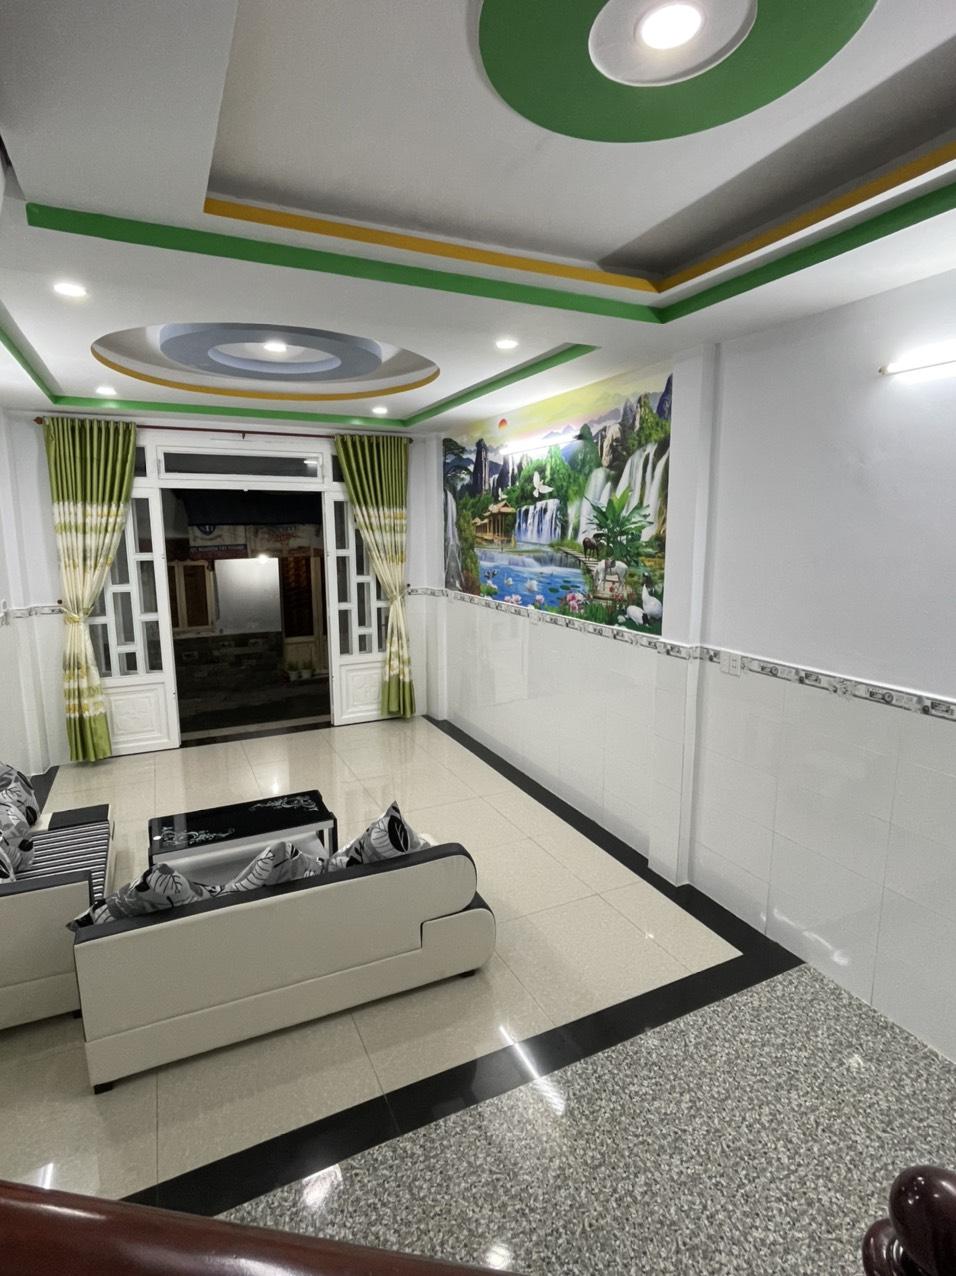 Bán nhà đường số 8 Bình Hưng Hòa quận Bình Tân, gần AEON Tân Phú